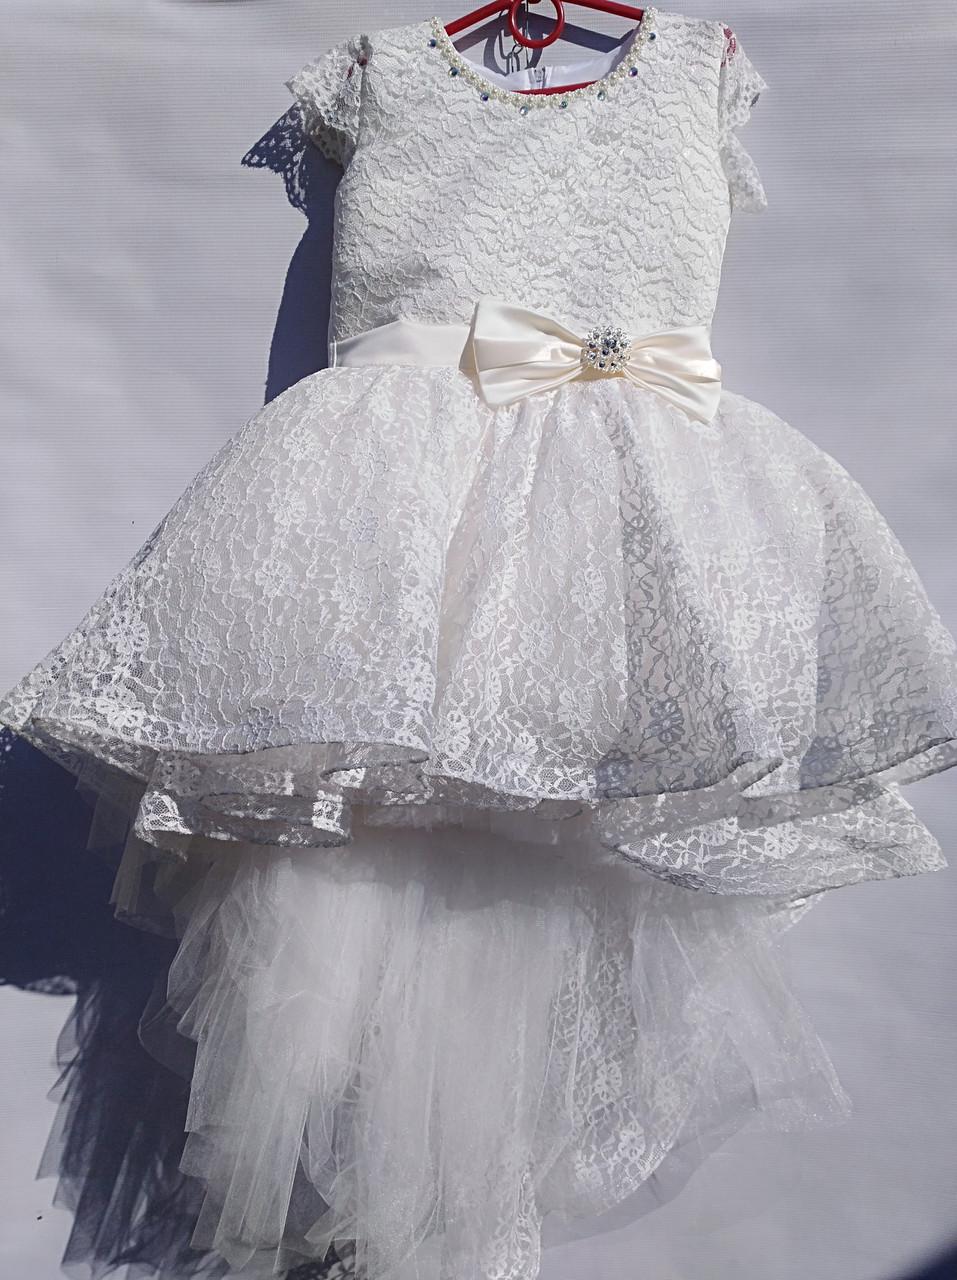 acaf8047f057994 Детское бальное платье со шлейфом (7-9 лет) Рз-27037, цена 585 грн ...